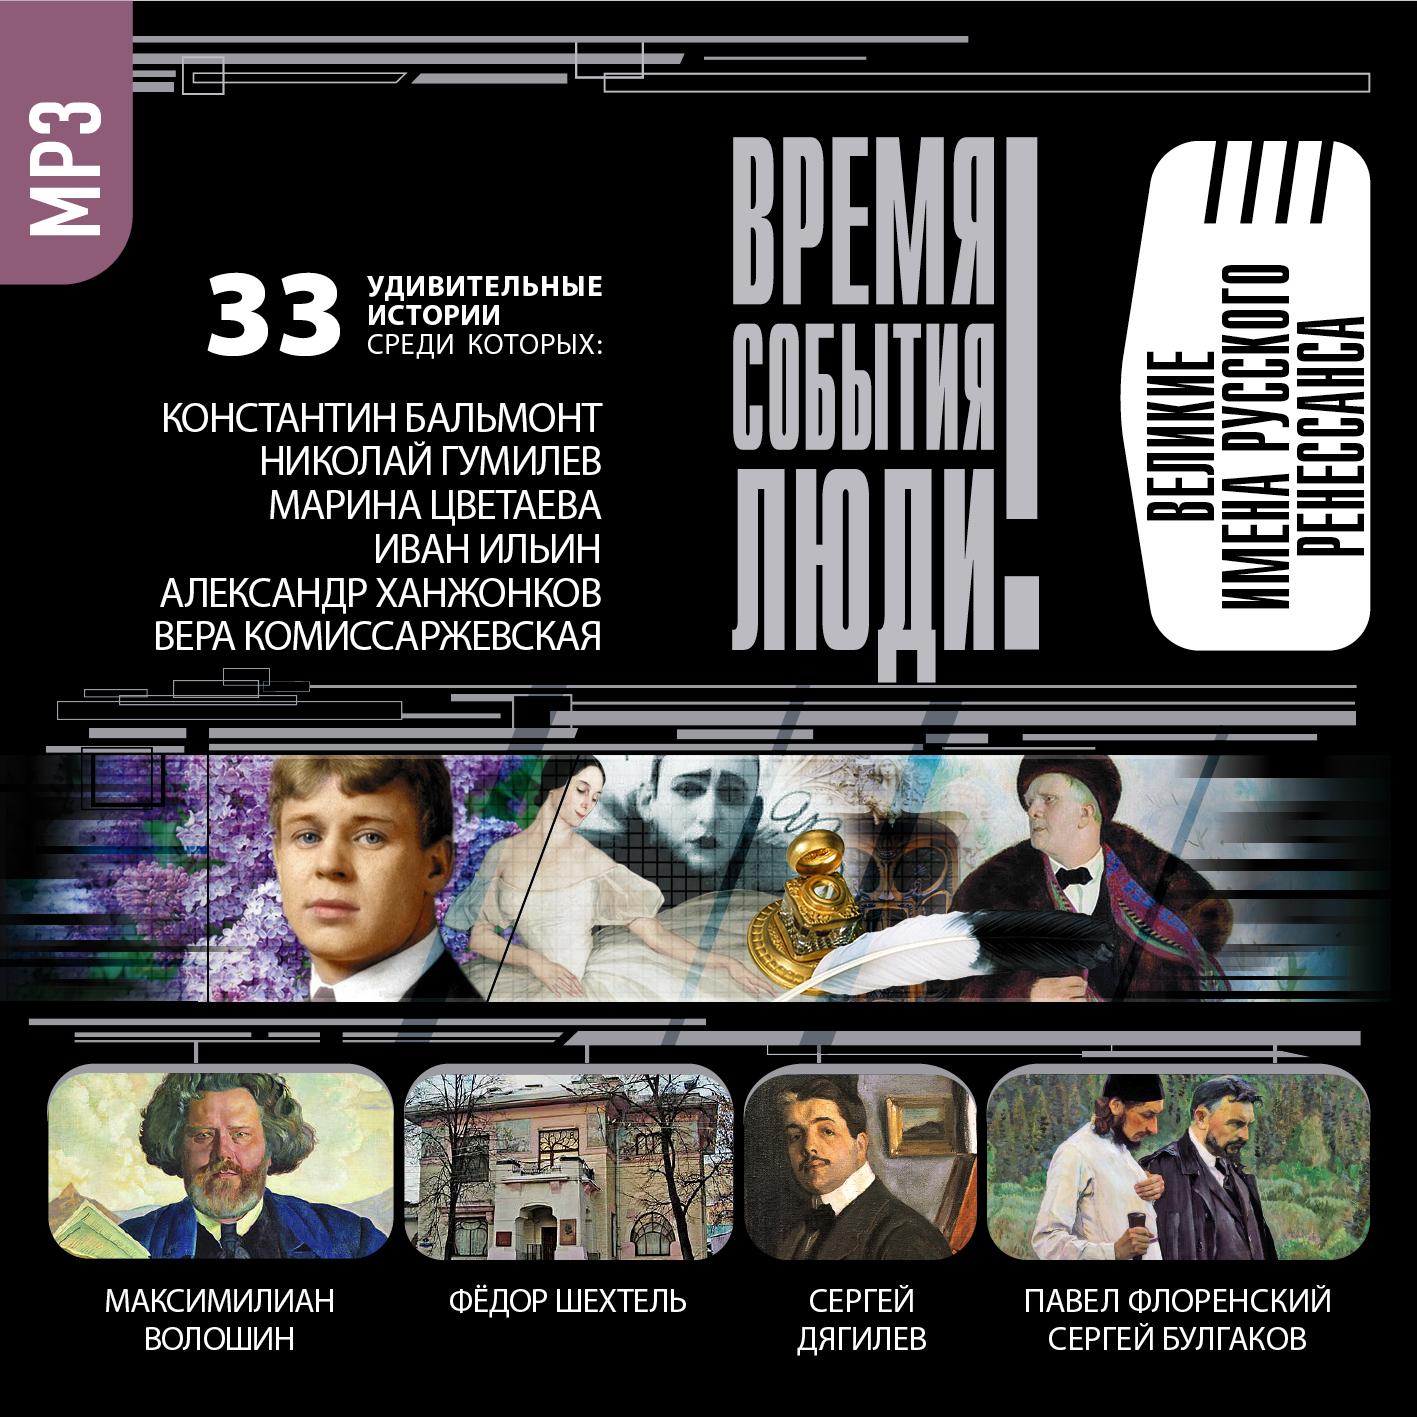 Сборник Великие имена русского ренессанса